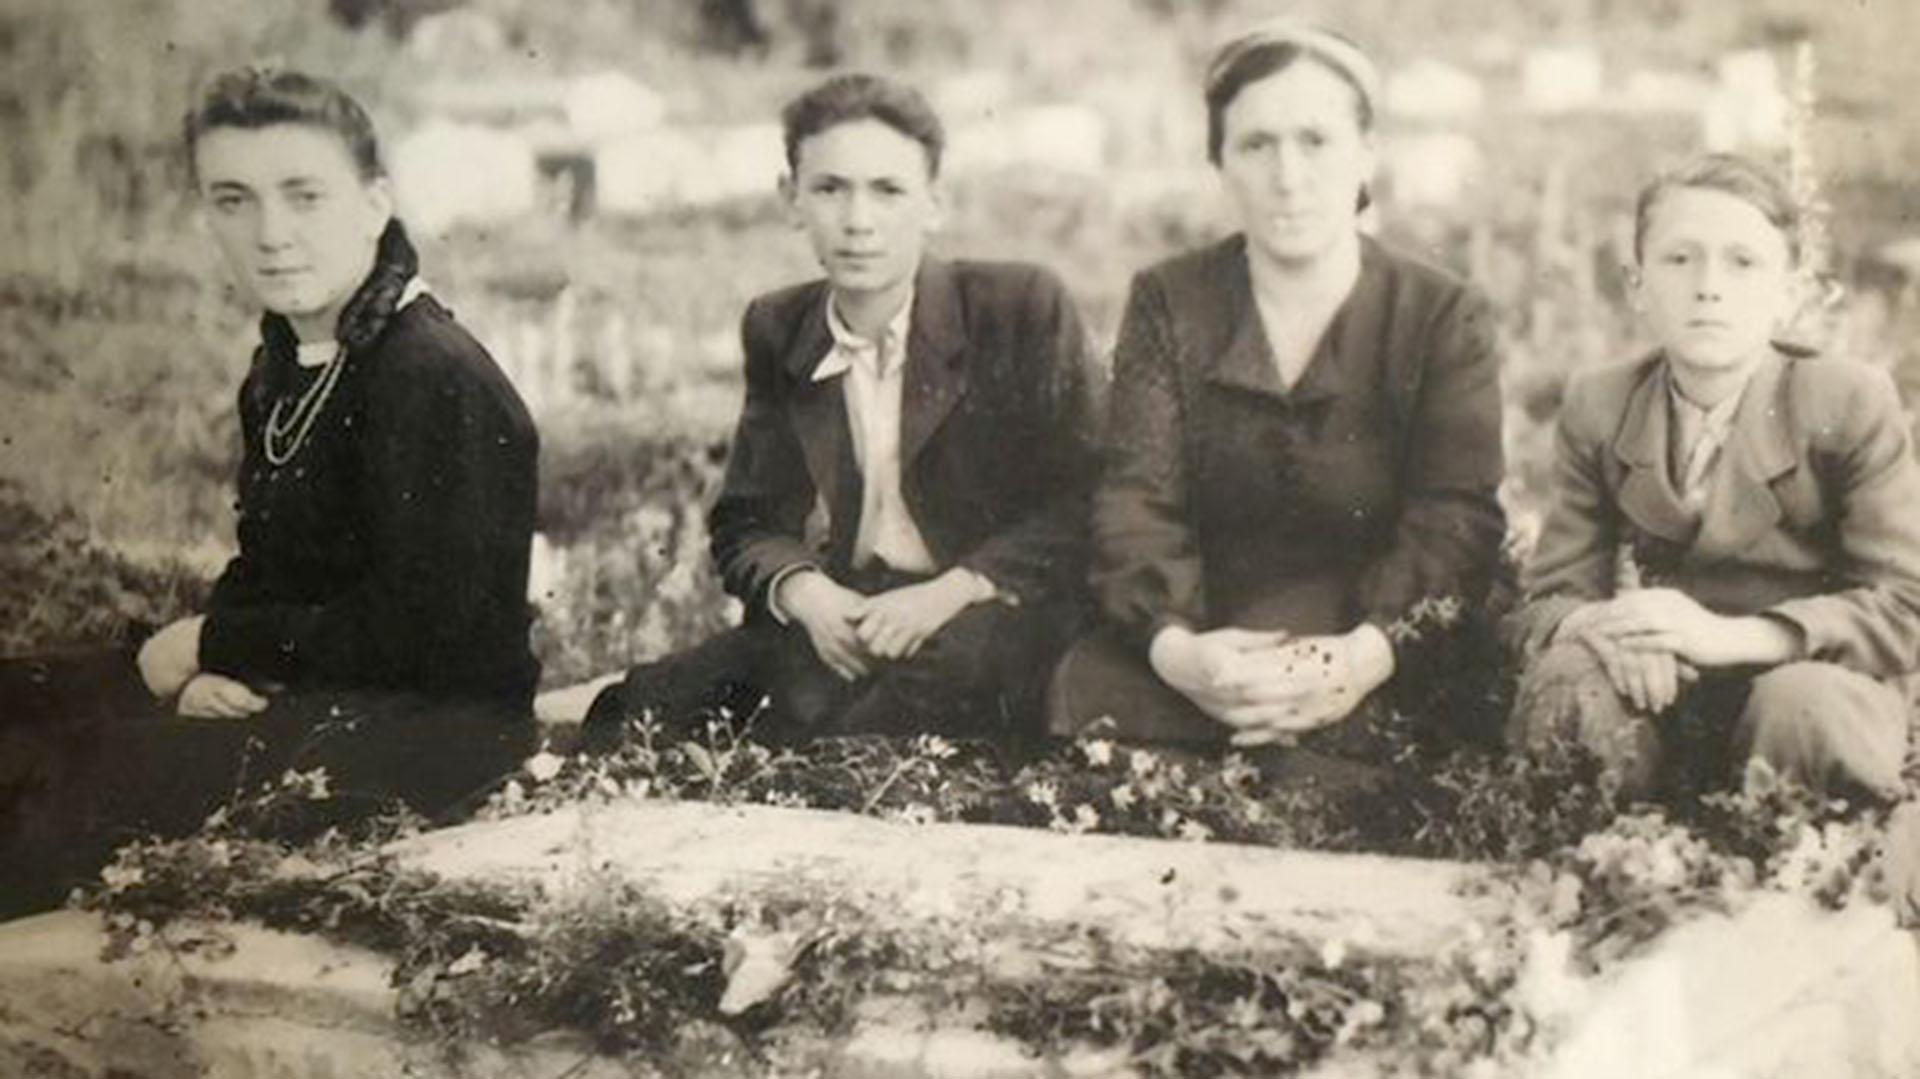 Mania, Dunia, Etcia y Mareka en 1946, cuando ya los nazis habían abandonado su pueblo de Korolówka, Ucrania. Ahora soportaban a los soviéticos, nuevamente